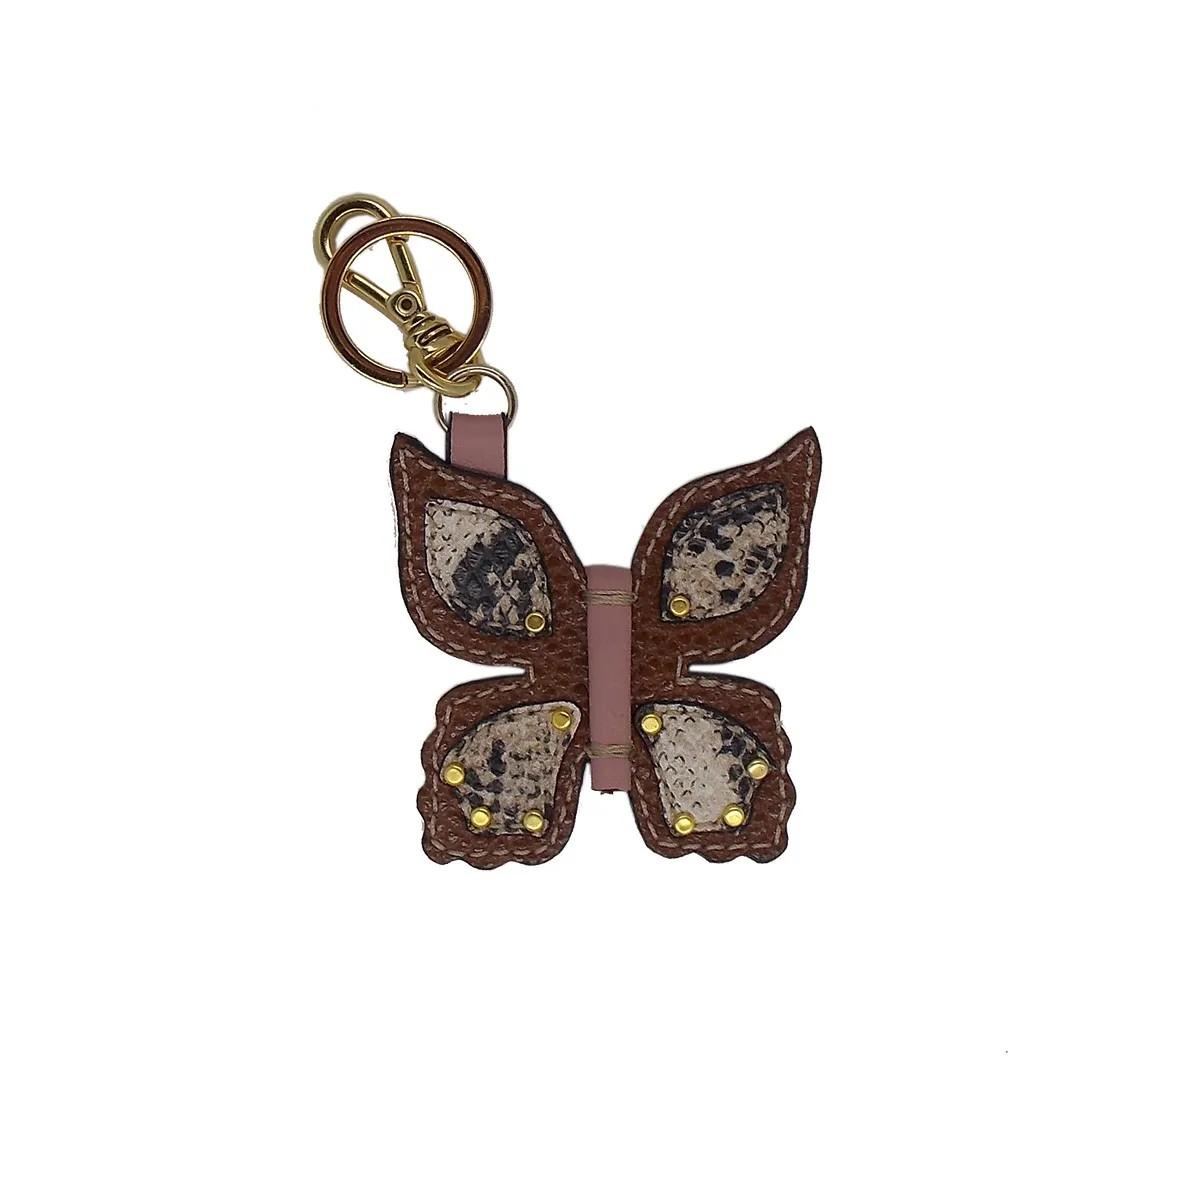 Chaveiro em formato de Borboleta Feito à Mão em Couro Legtimo Caramelo - Colatto